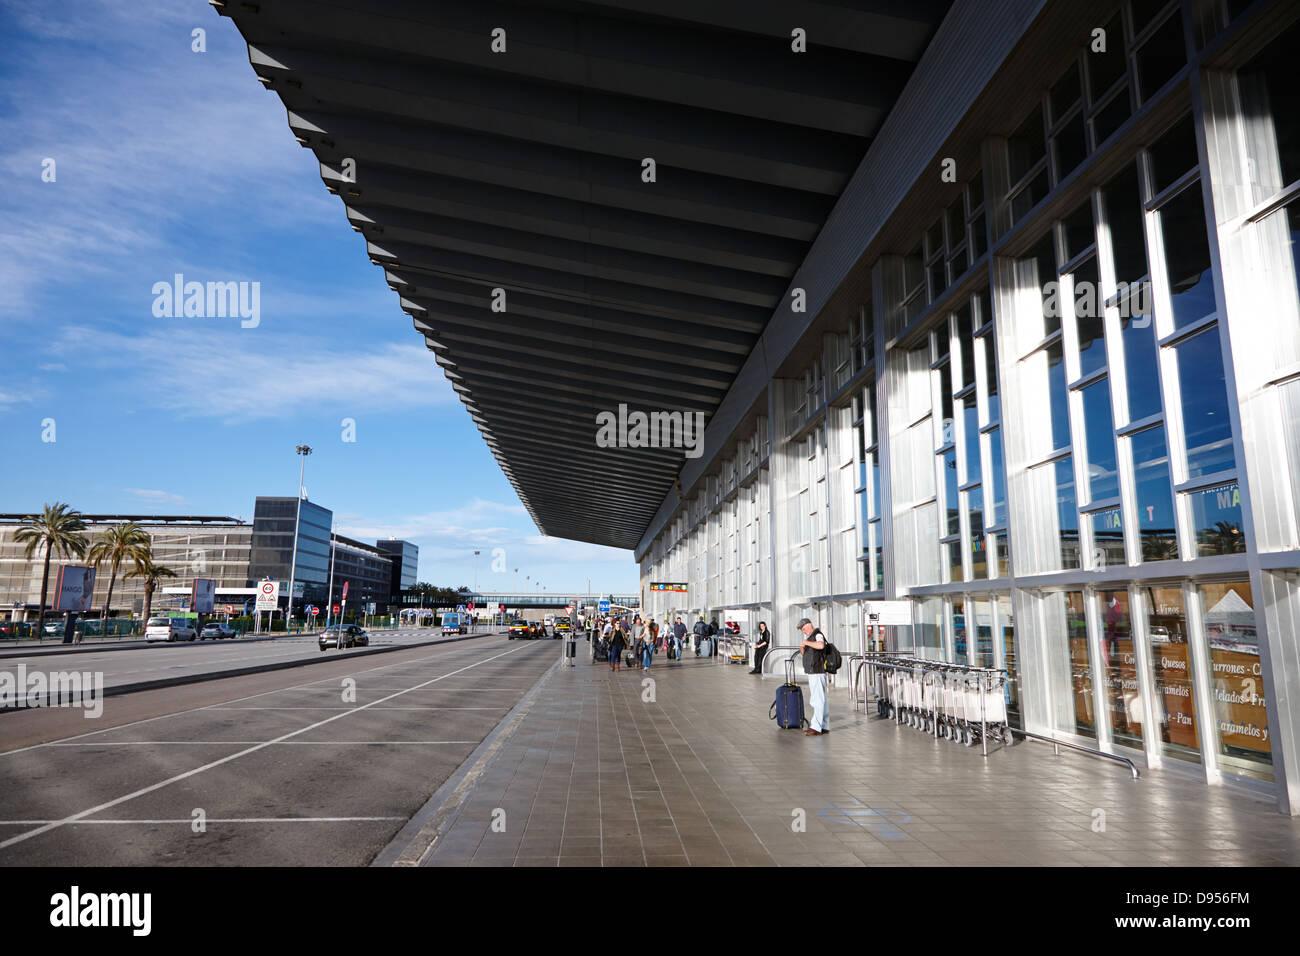 barcelona el prat airport terminal 2 catalonia spain - Stock Image